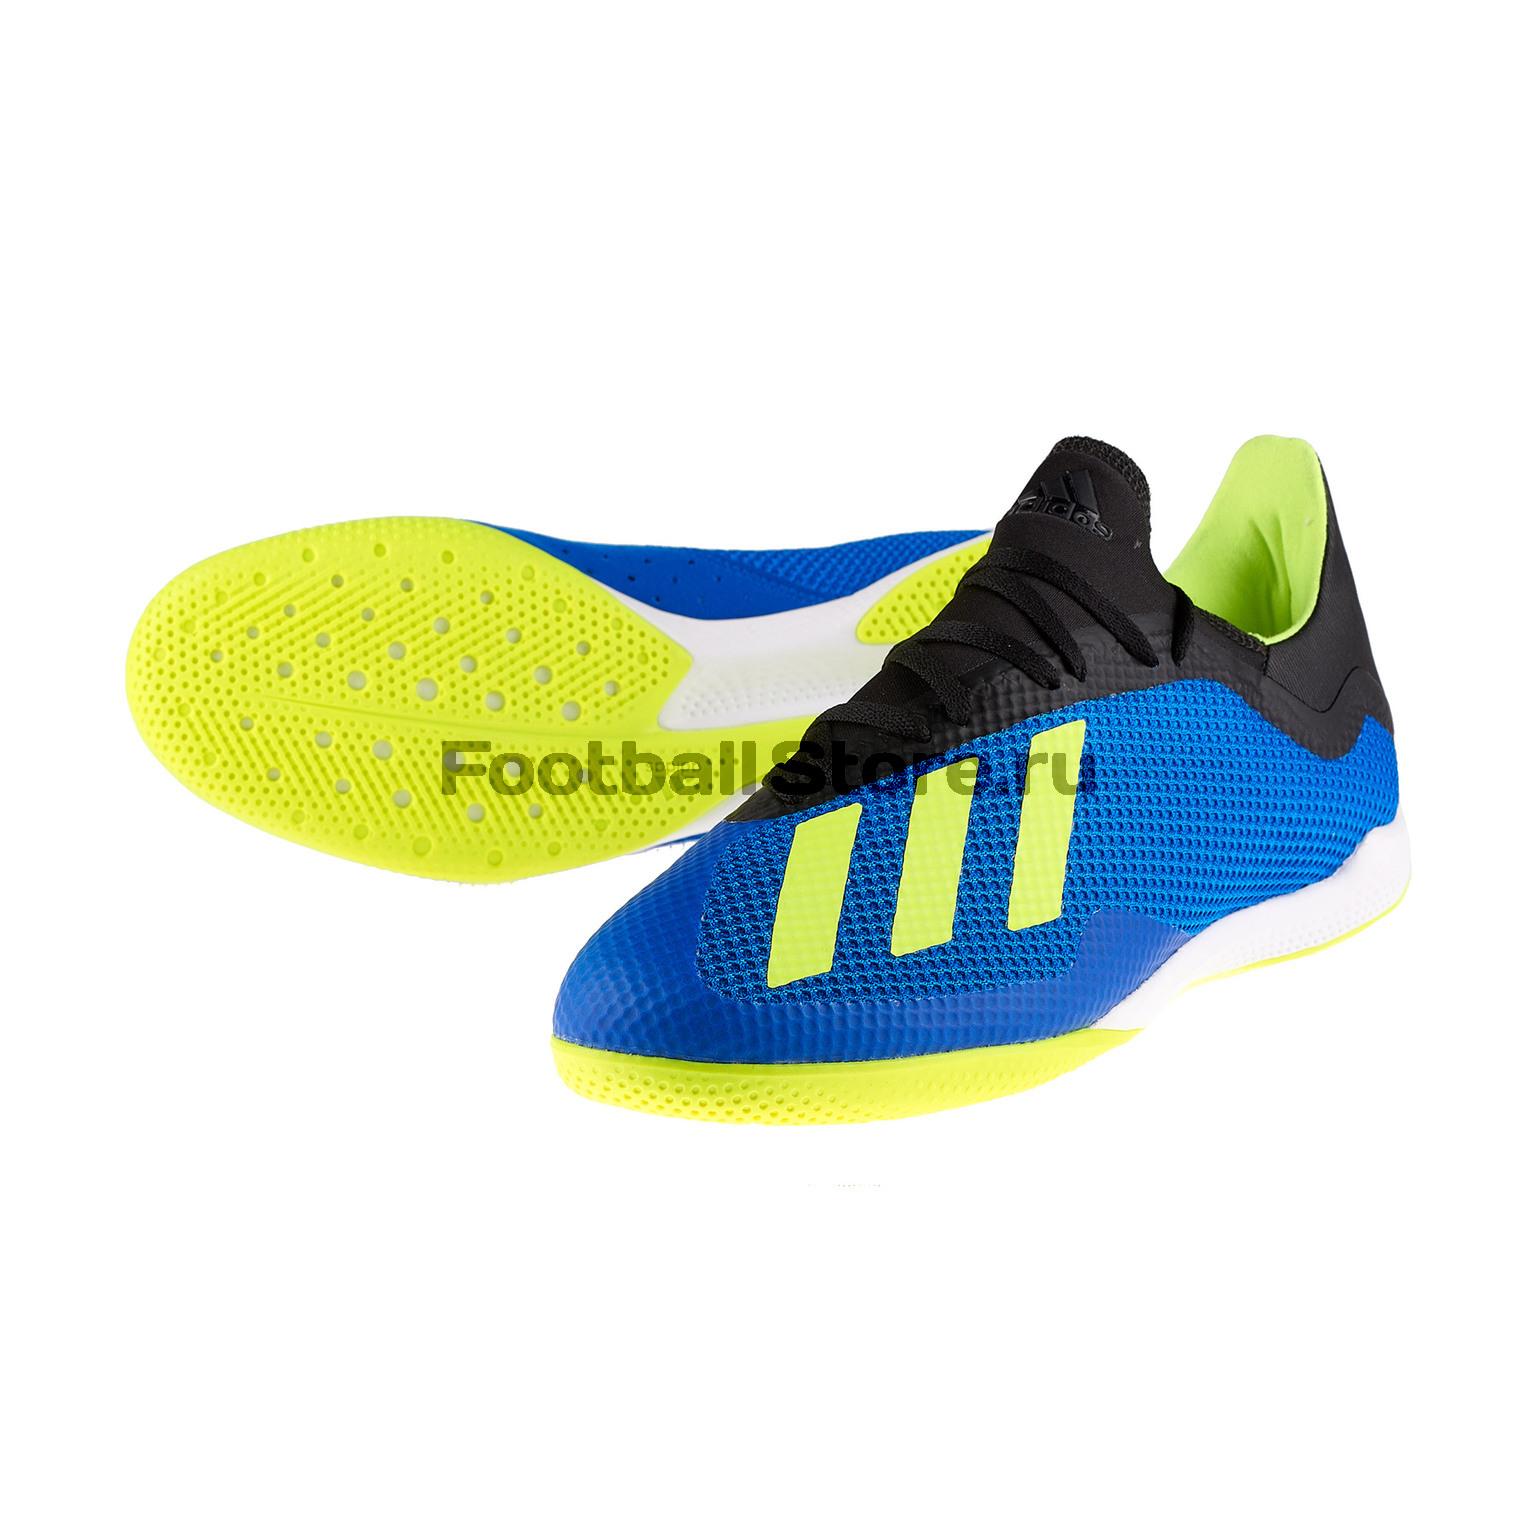 все цены на Футзалки Adidas X Tango 18.3 IN DB1954 онлайн